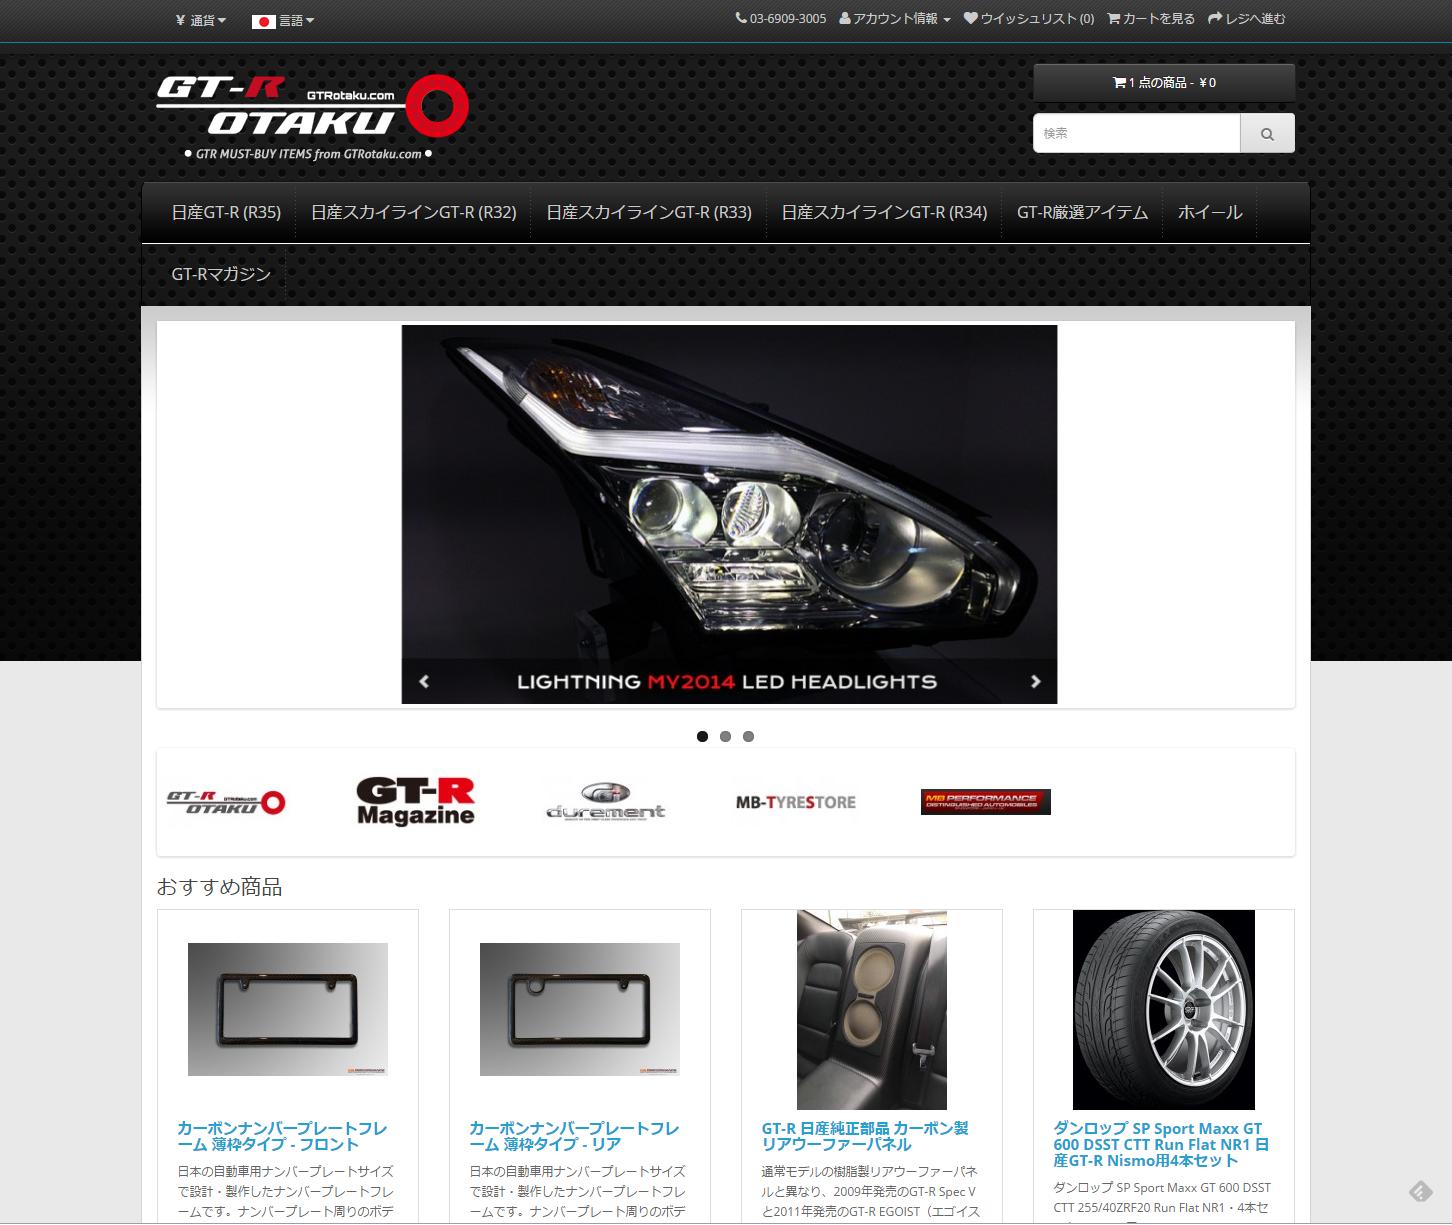 gtrotaku online shop